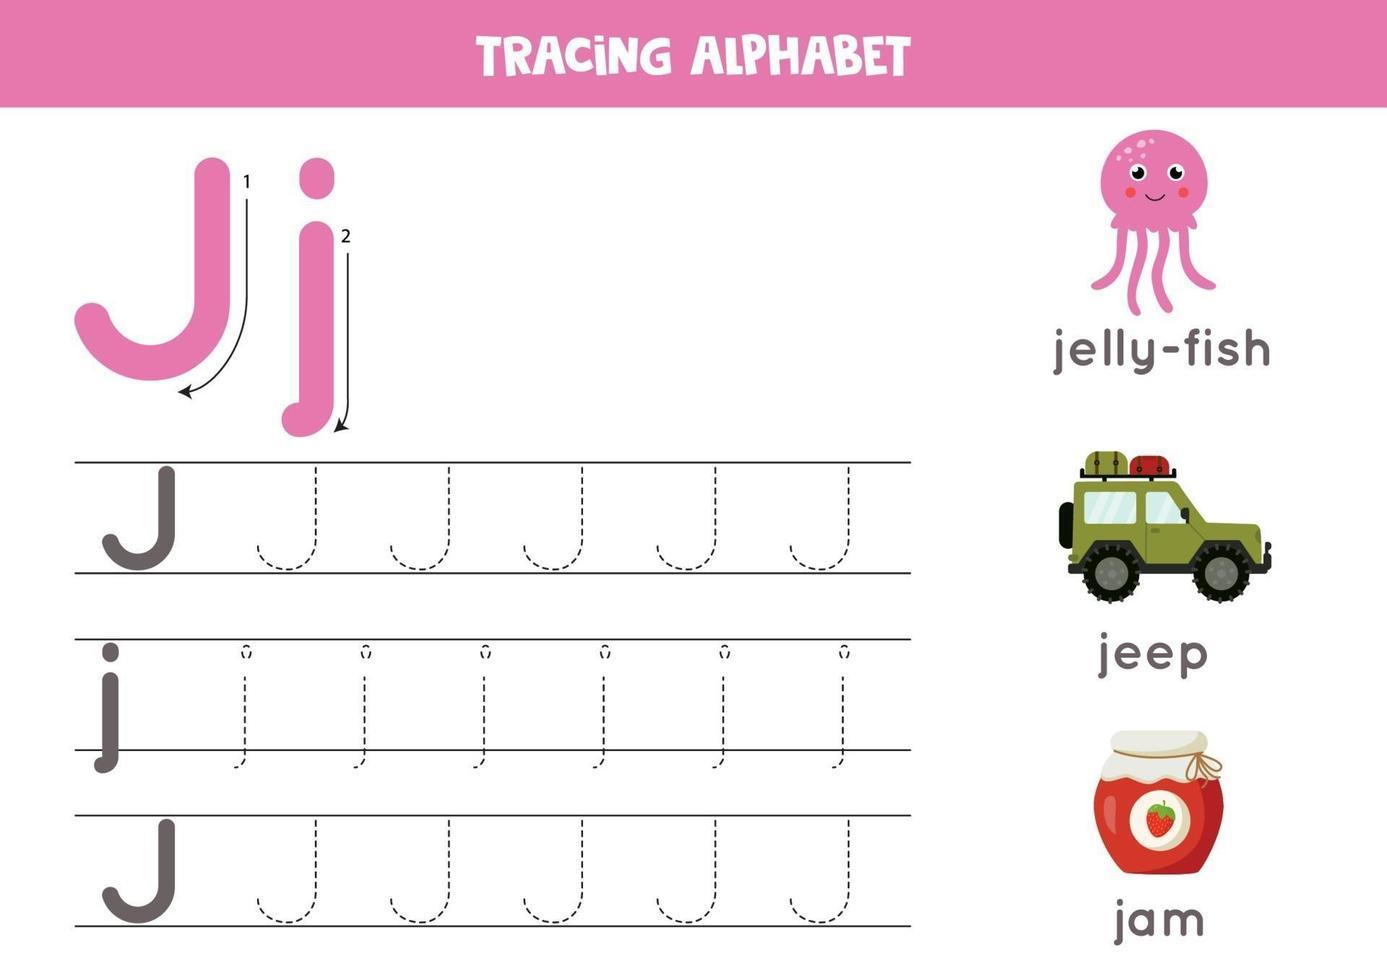 tracciando la lettera j dell'alfabeto con immagini di simpatici cartoni animati. vettore